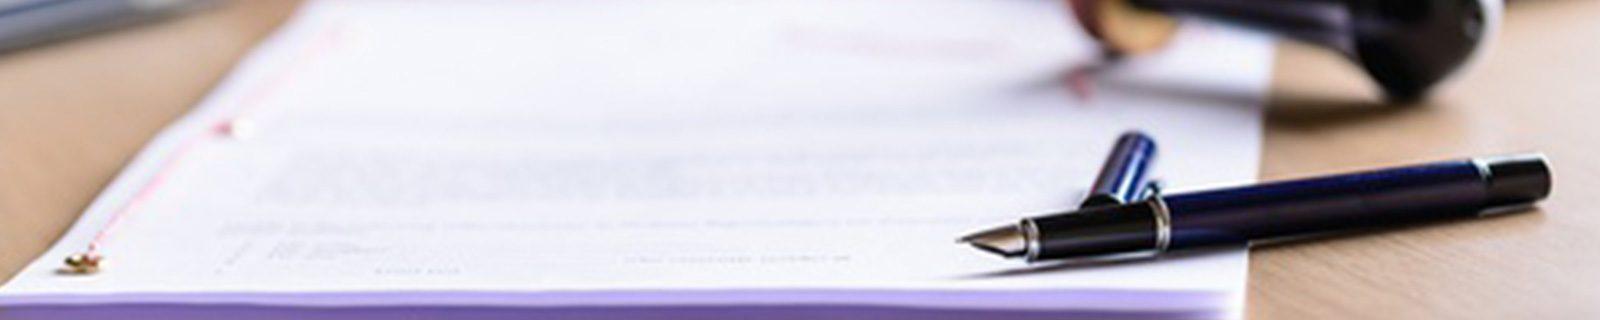 Hintergrundbild Gutachten schreiben